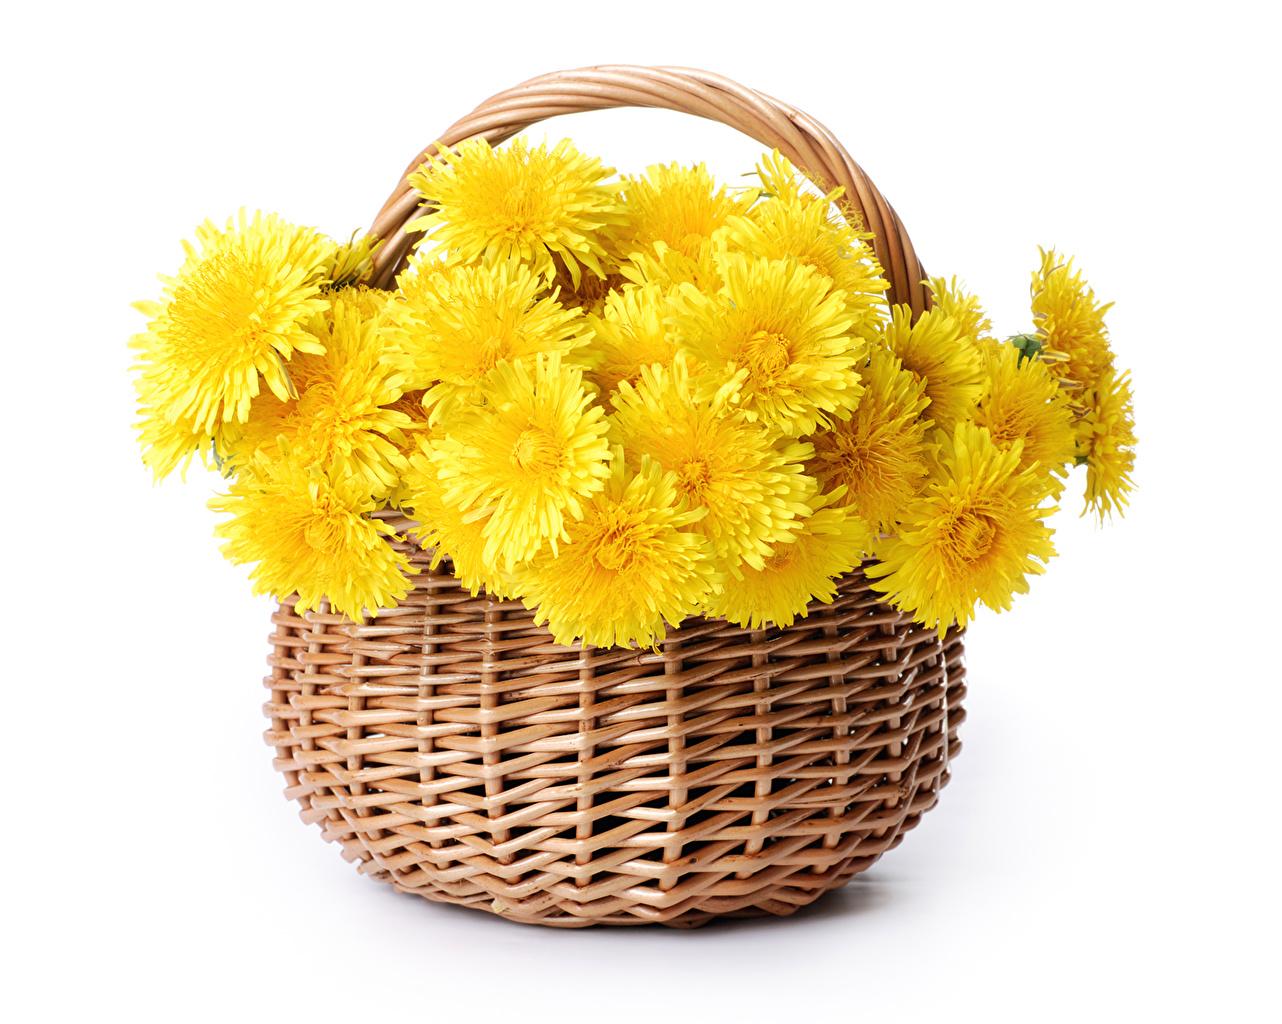 Фотография желтая цветок Корзинка Хризантемы Белый фон желтых желтые Желтый Цветы корзины Корзина белом фоне белым фоном